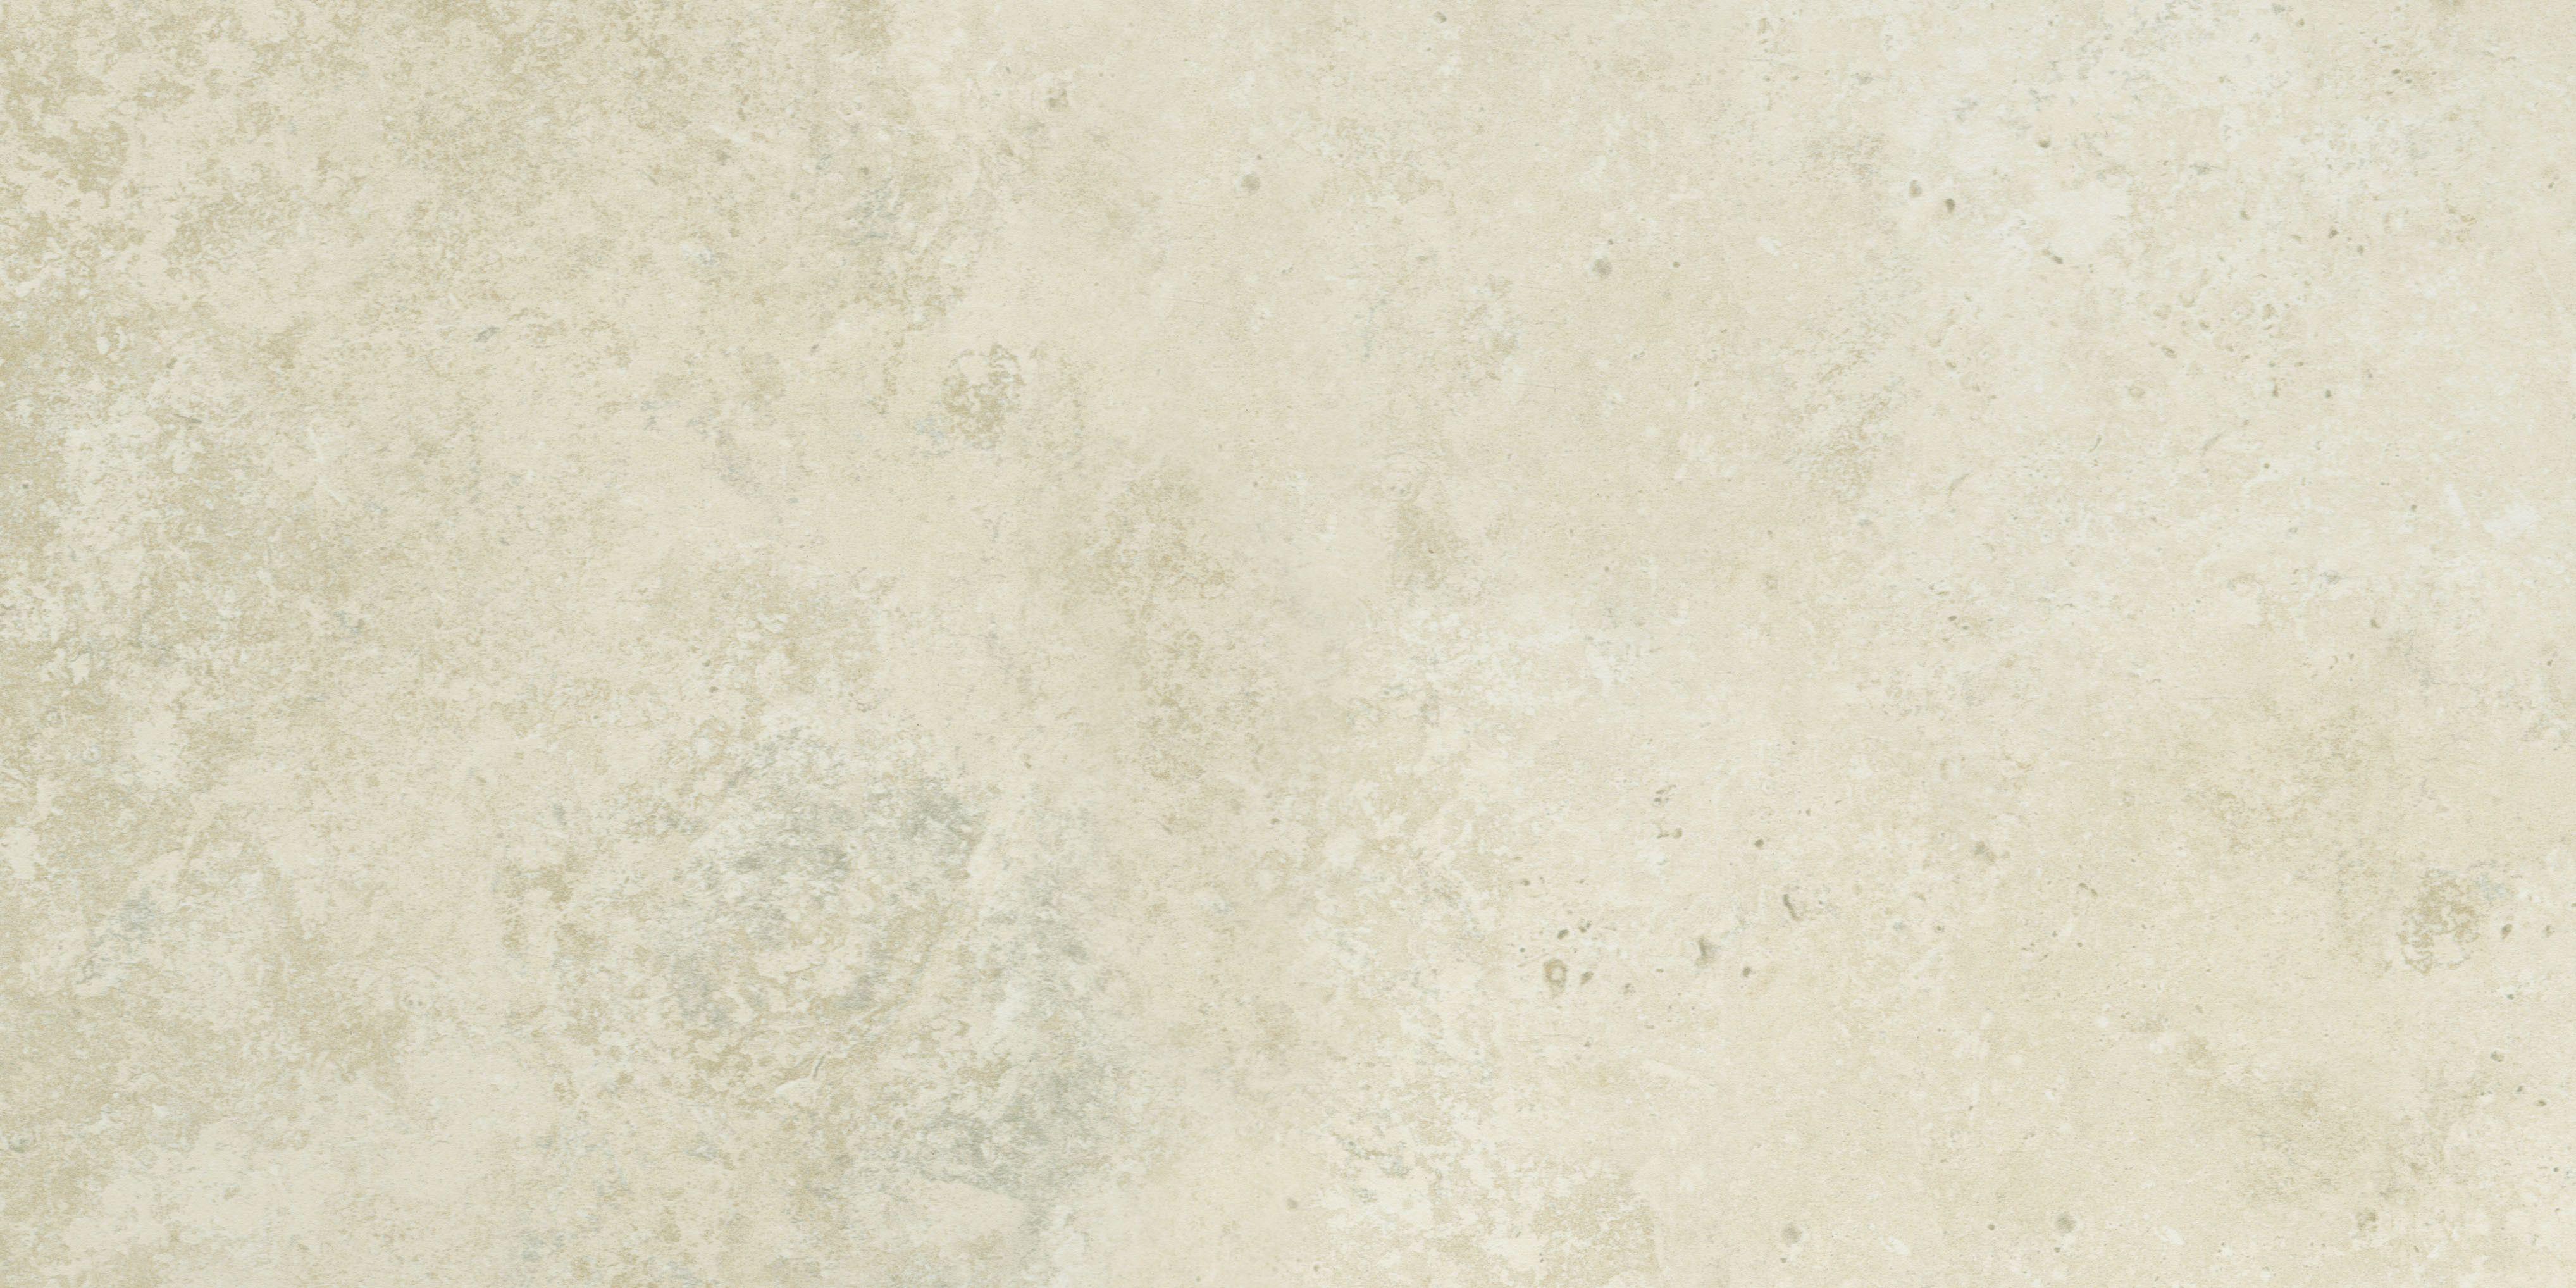 #Aparici #Bellagio Beige 29,75x59,55 cm   #Gres #sabbia #29,75x59,55   su #casaebagno.it a 65 Euro/mq   #piastrelle #ceramica #pavimento #rivestimento #bagno #cucina #esterno